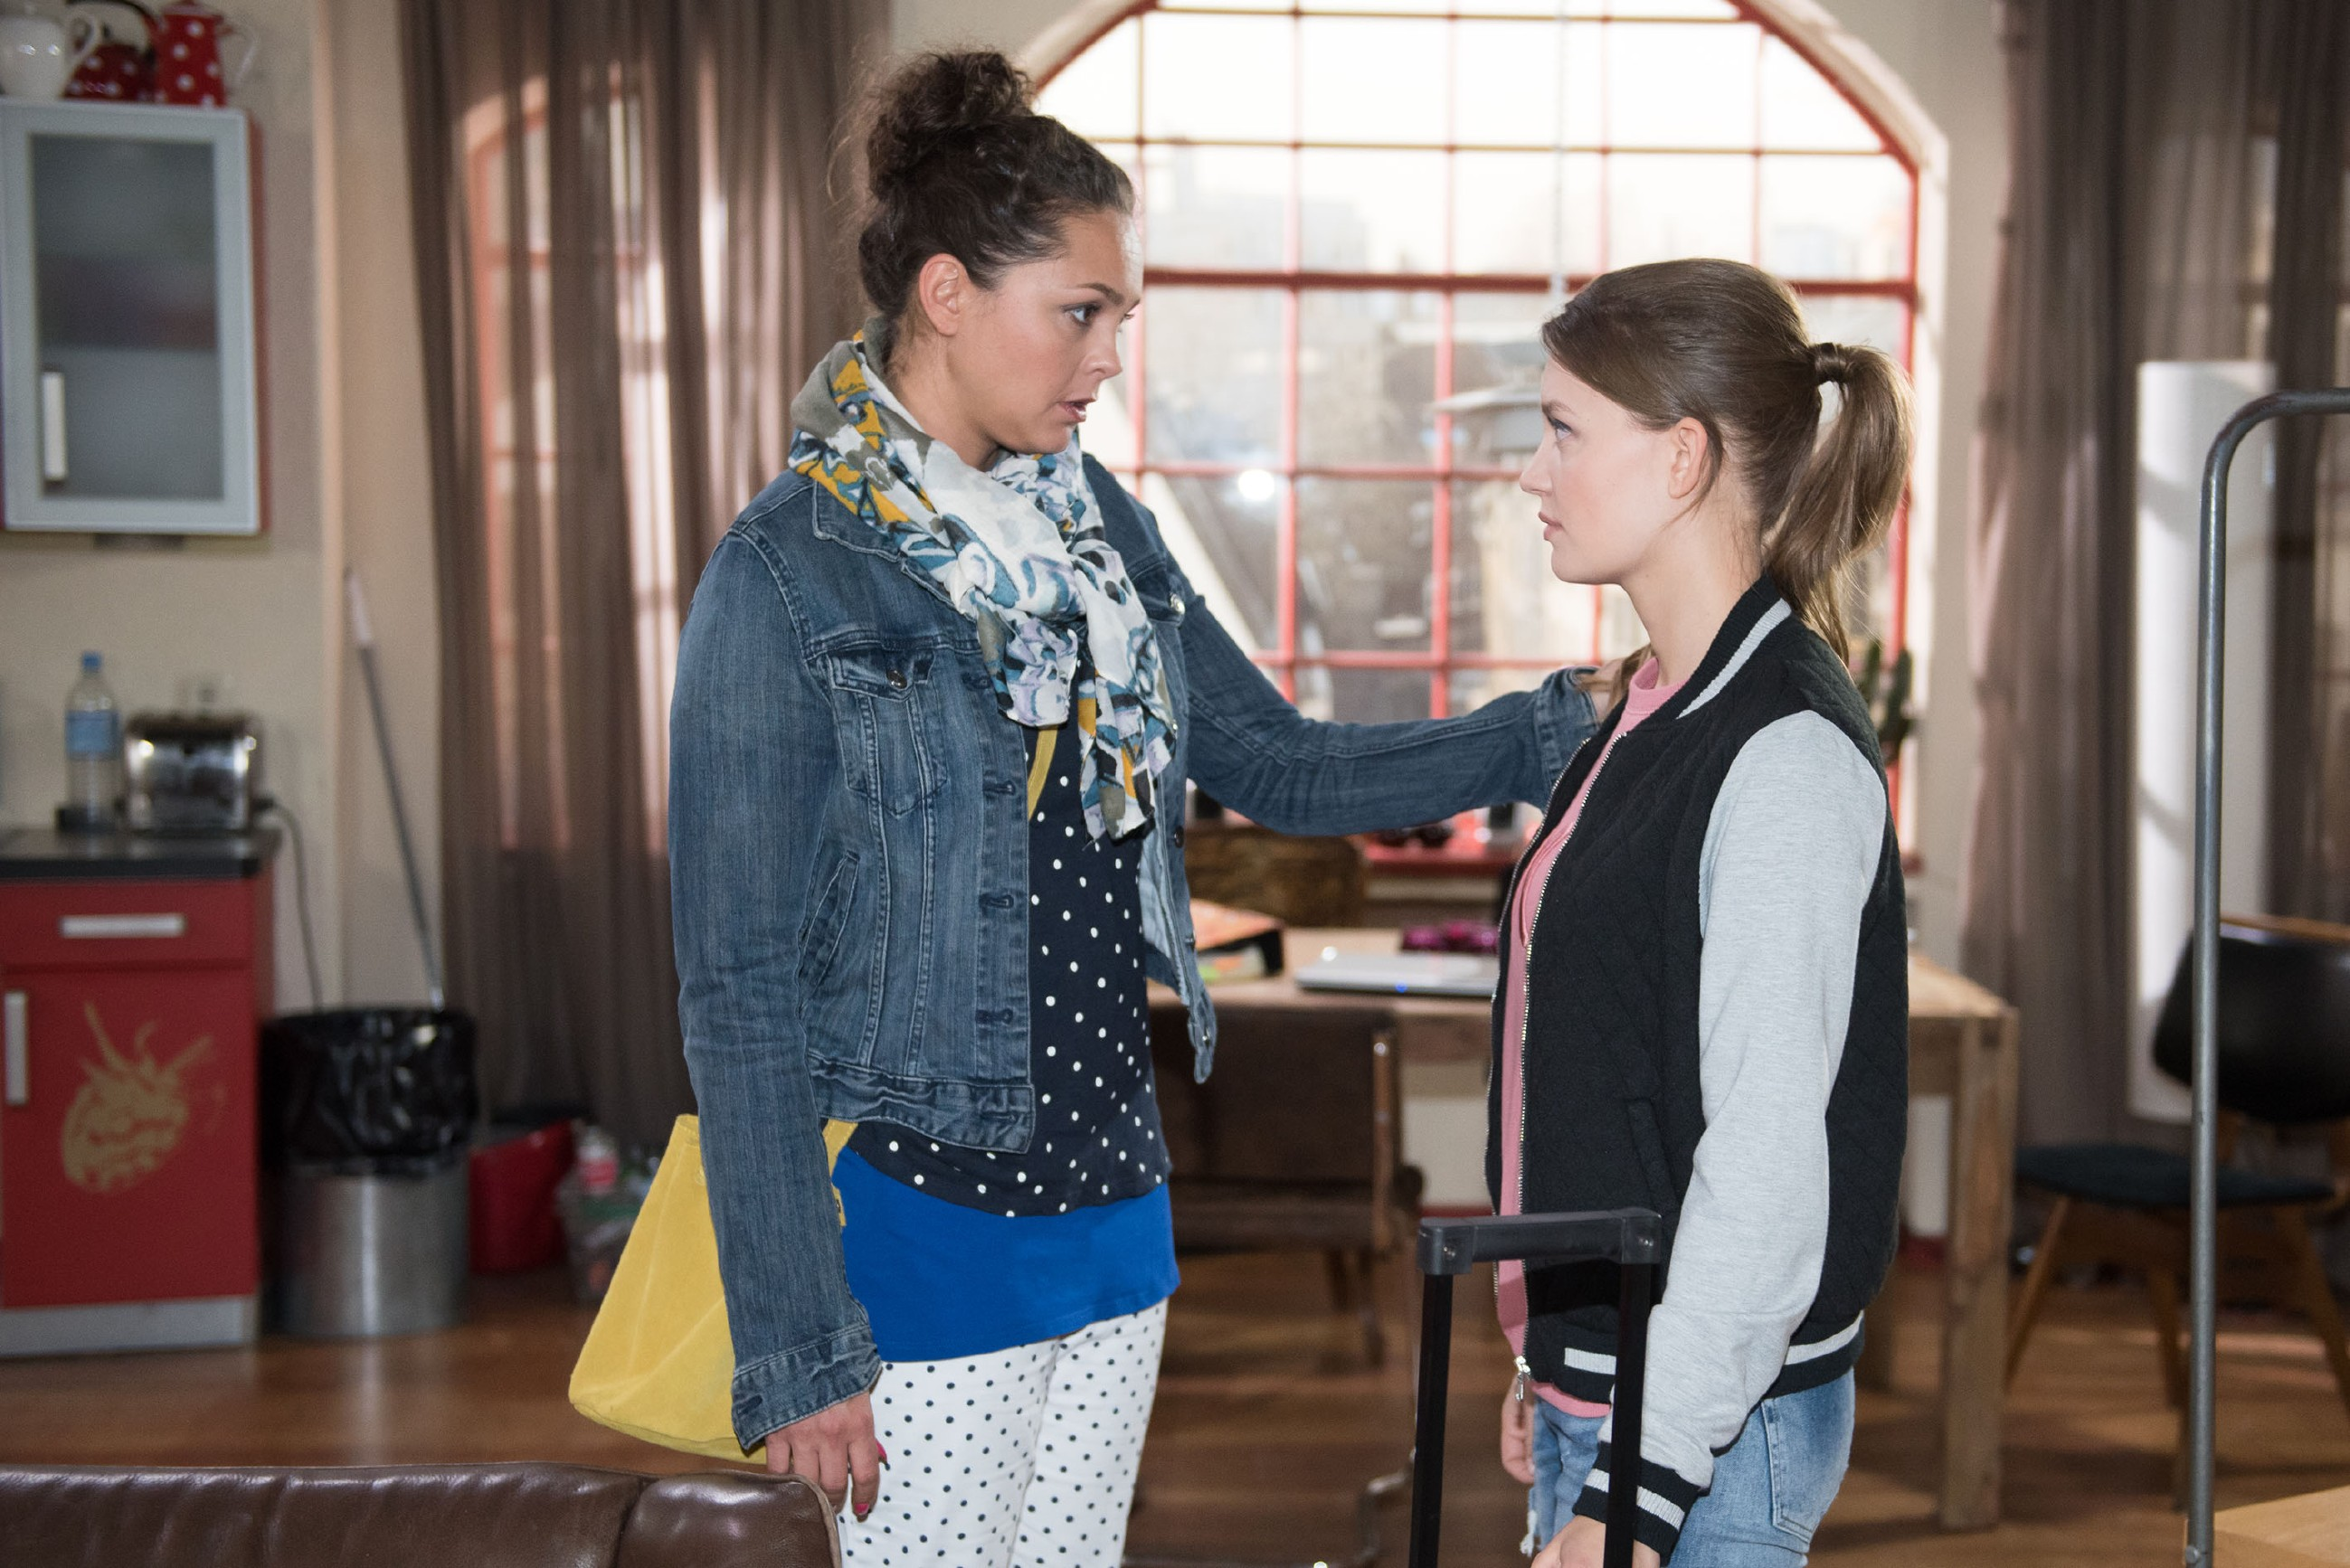 Jules (Amrei Haardt, r.) Liebeskummer erweckt Caros (Ines Kurenbach) Mitgefühl, so dass Caro ihrer Tochter doch noch die Erlaubnis gibt, nach Südafrika zu reisen. (Quelle: RTL / Stefan Behrens)